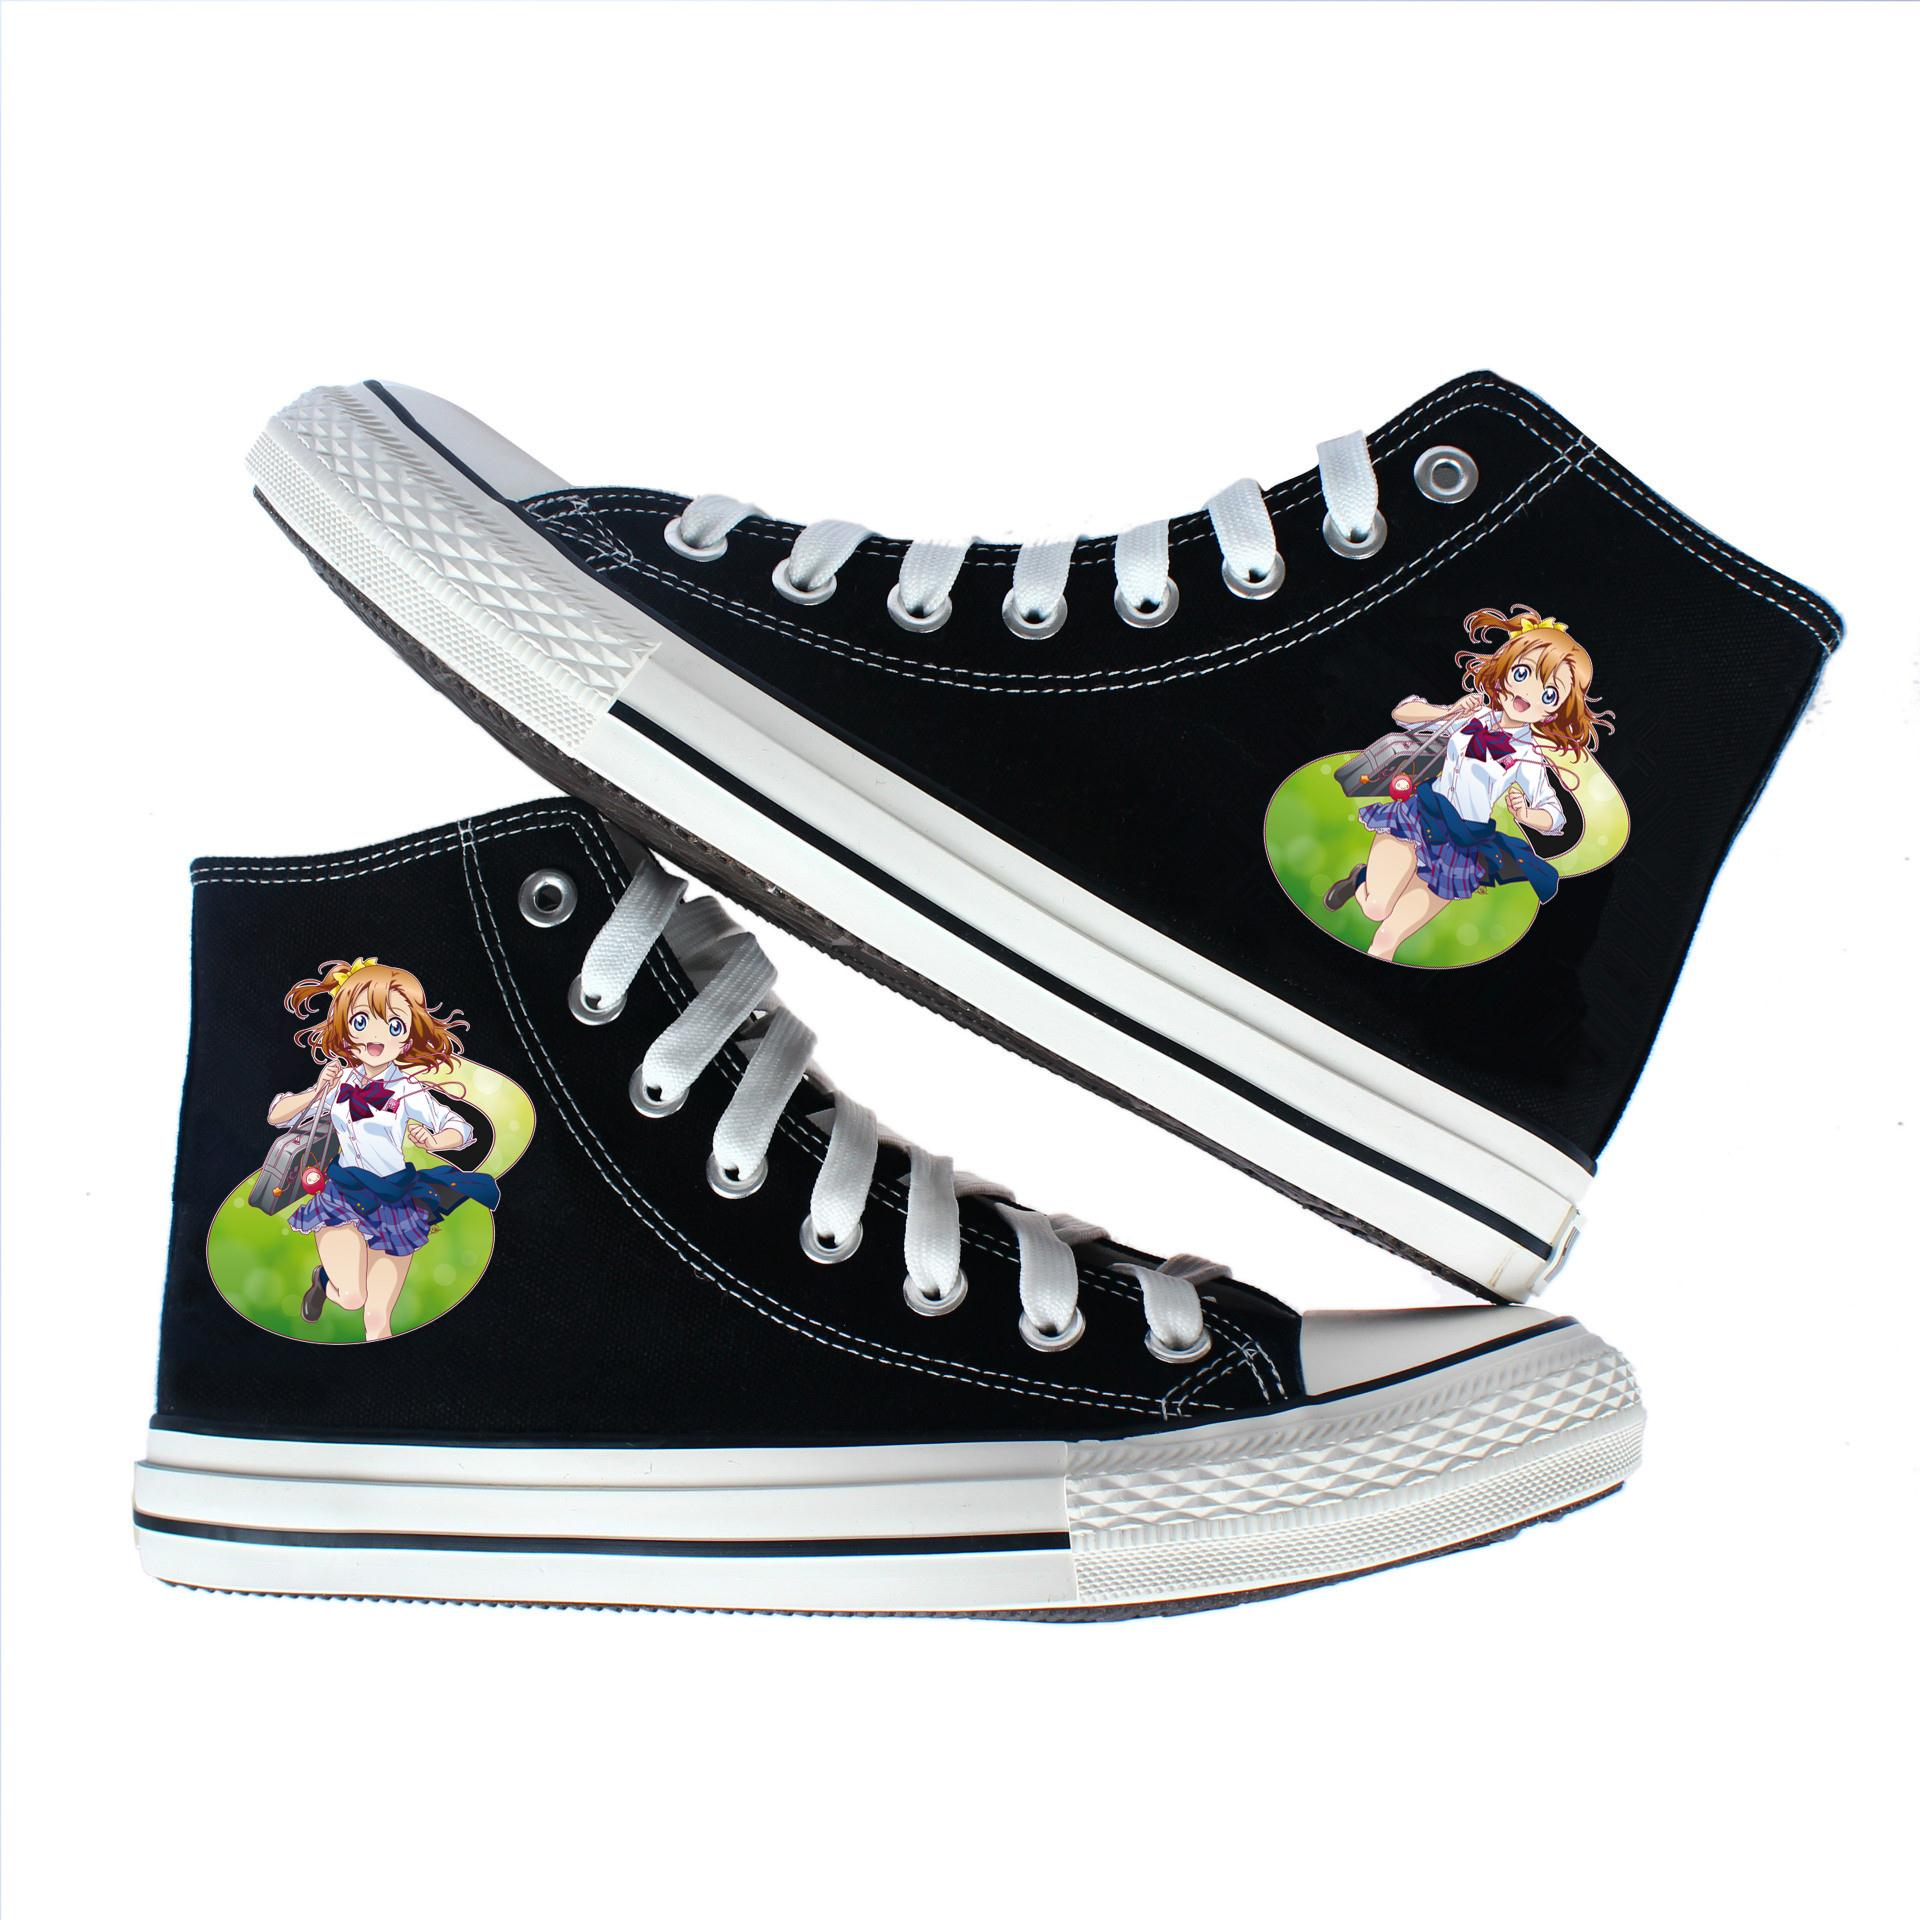 动漫LOVE LIVE 帆布鞋韩版休闲鞋青年板鞋时尚潮流布鞋学生运动鞋